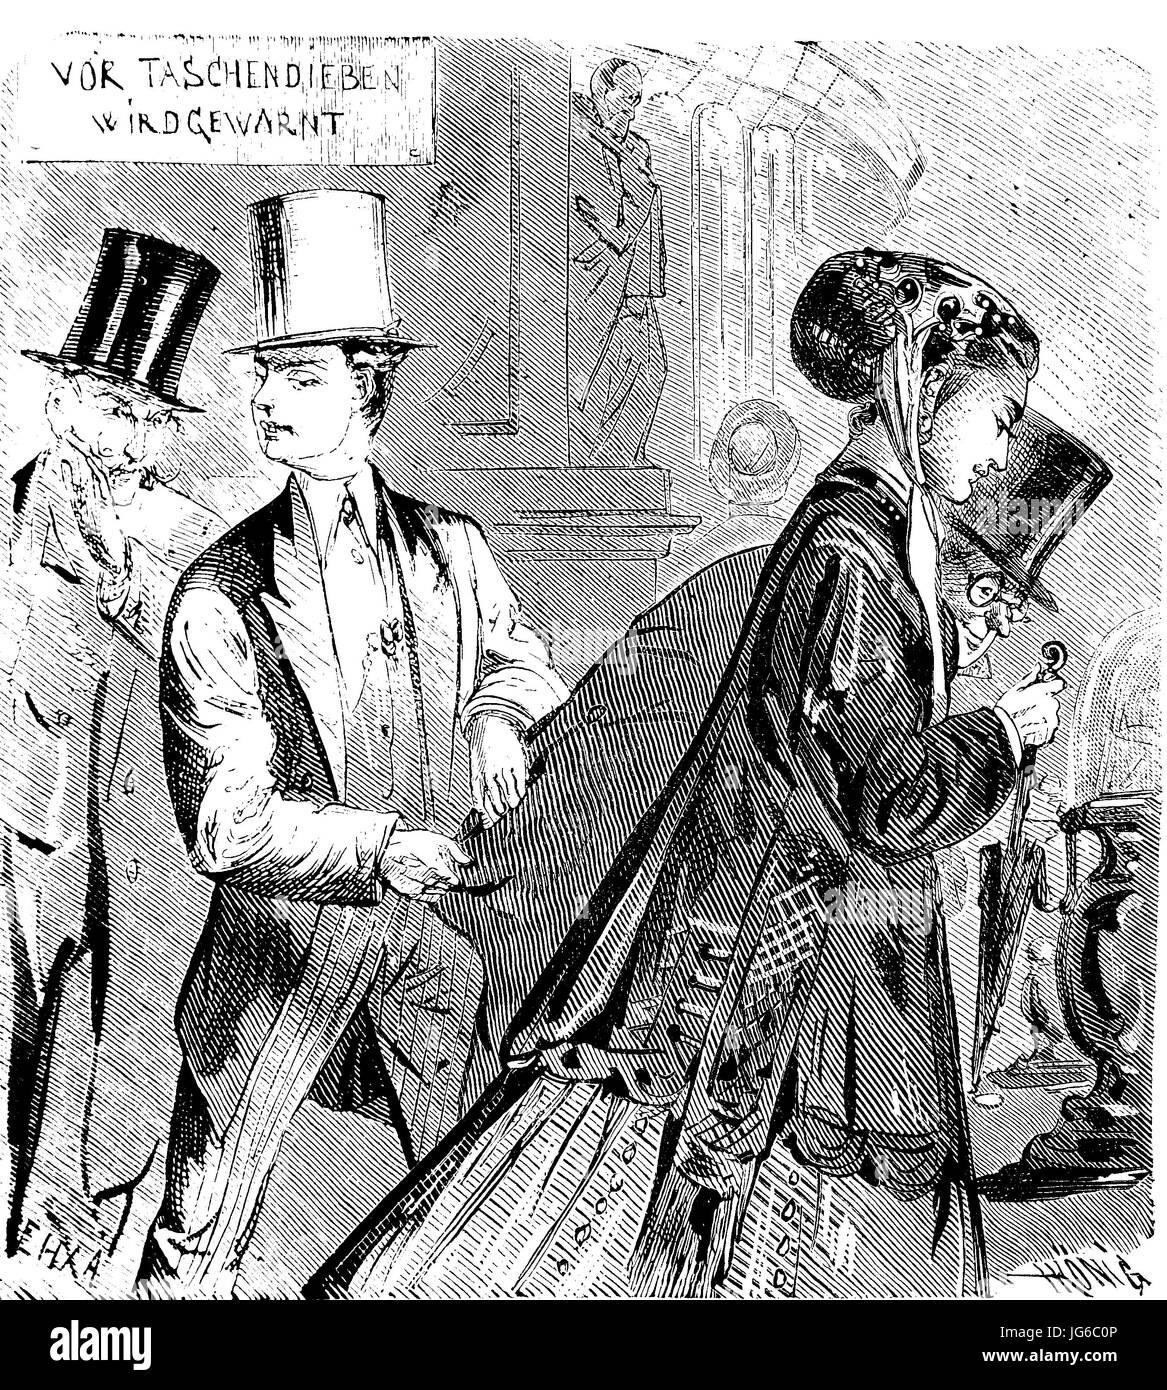 Digital verbessert:, Taschendiebstahl, Diebstahl, Diebstahl von Geld, Abbildung aus dem 19. Jahrhundert Stockfoto